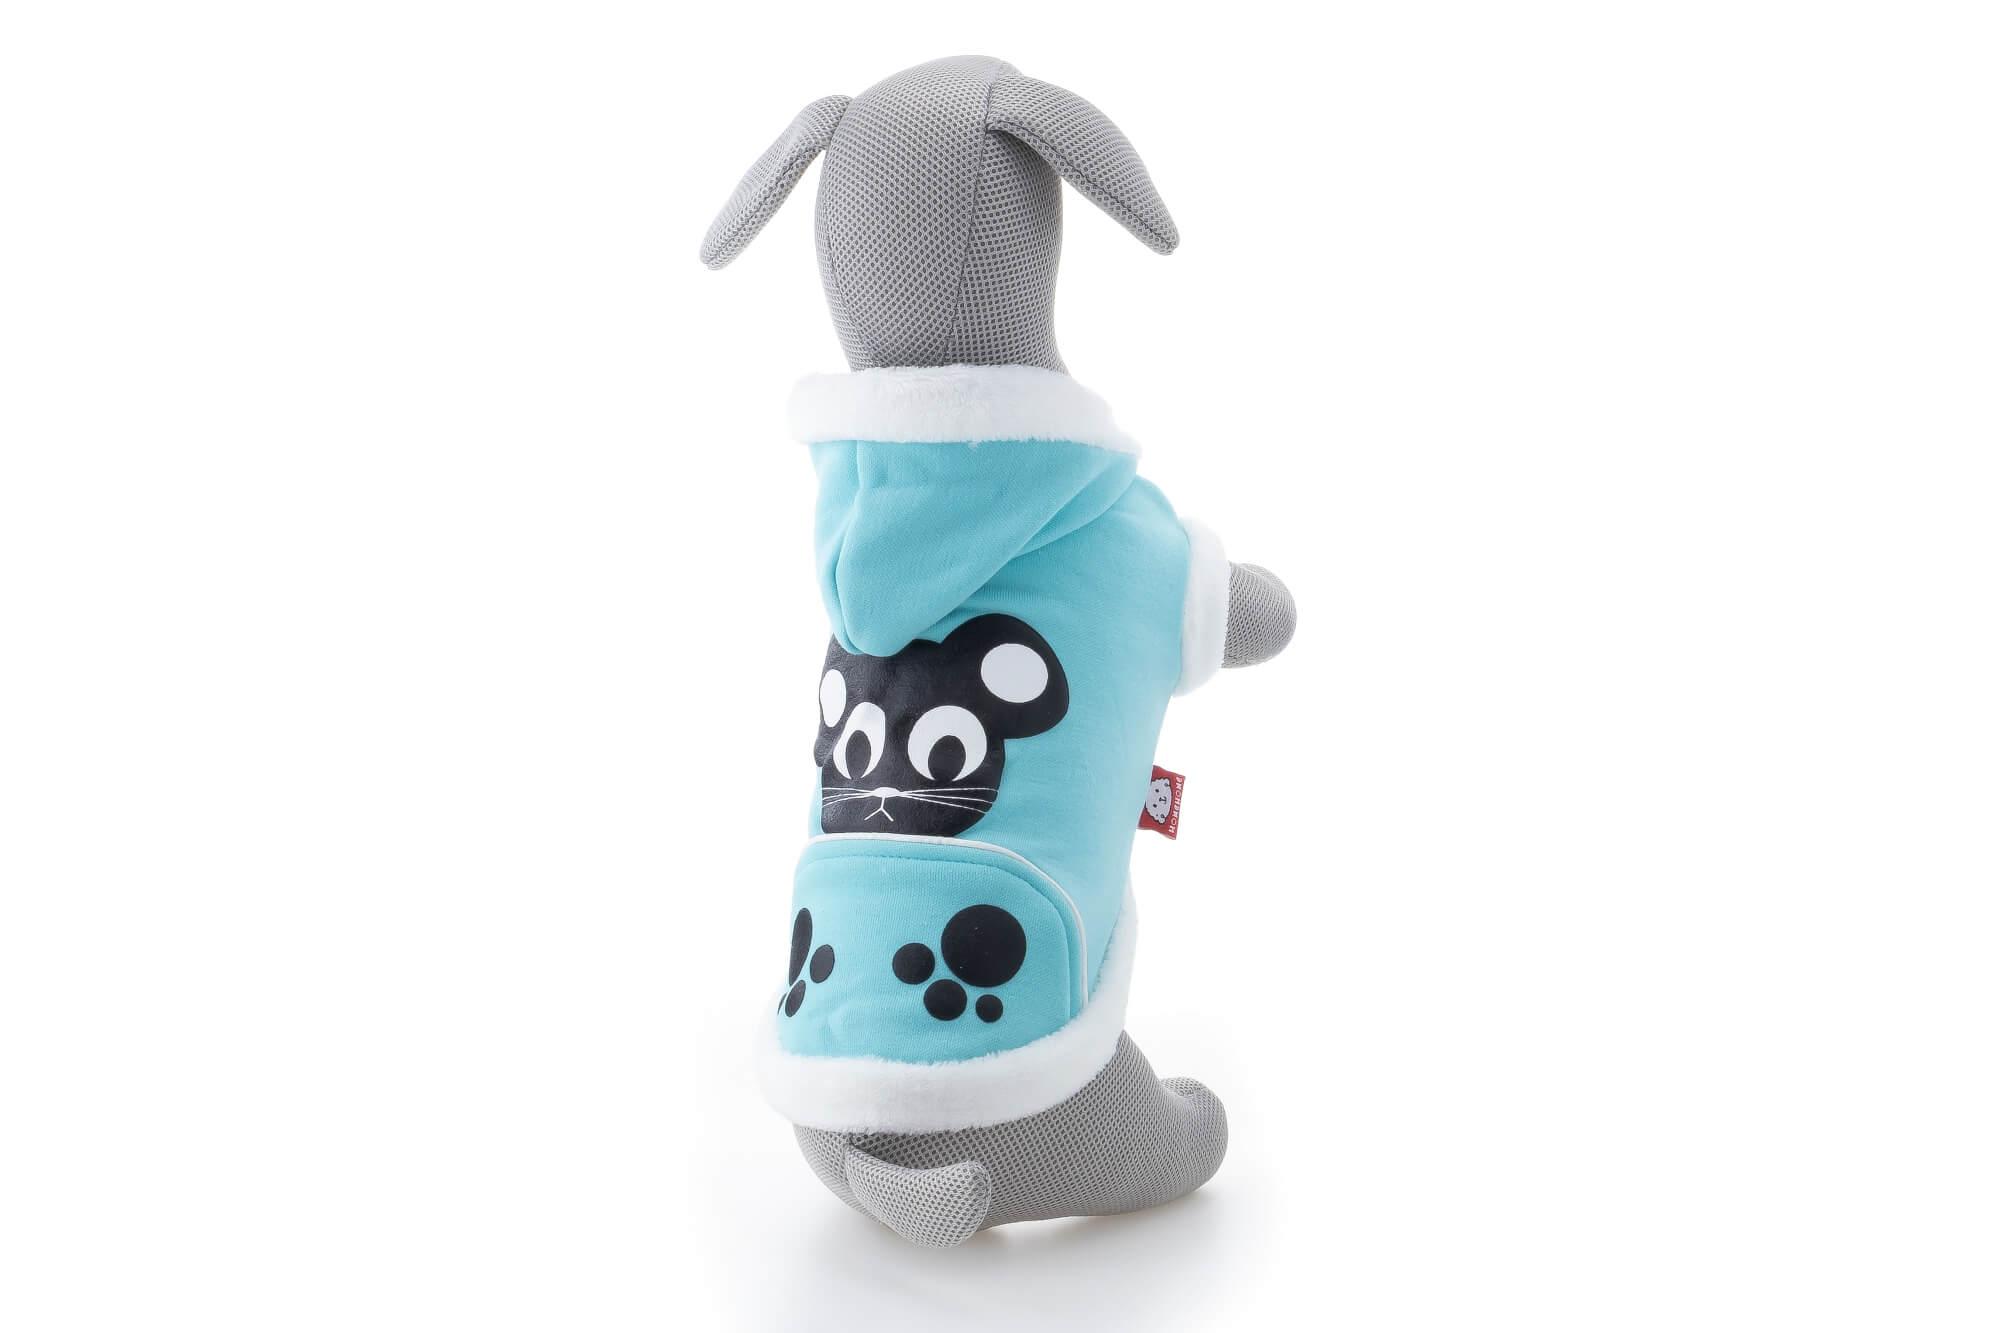 Vsepropejska Norik mikina pro psa Barva: Modrá, Délka zad psa: 23 cm, Obvod hrudníku: 31 - 34 cm